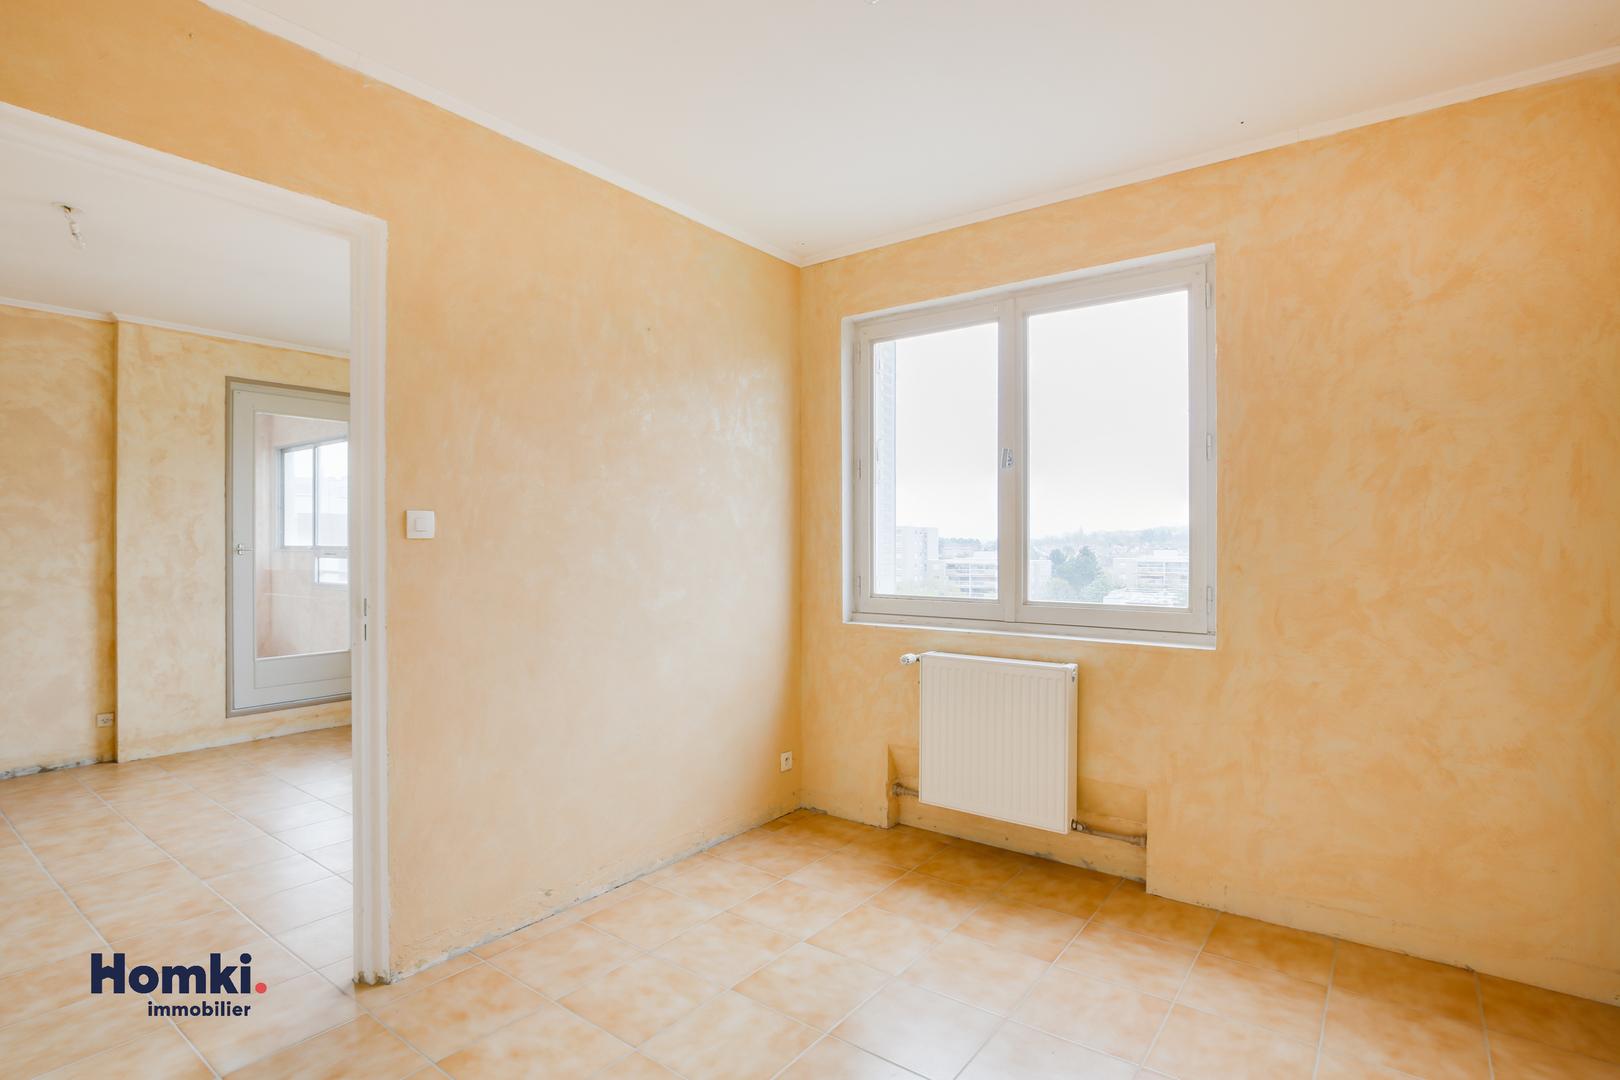 Vente appartement 75m² T4 69800_ 4